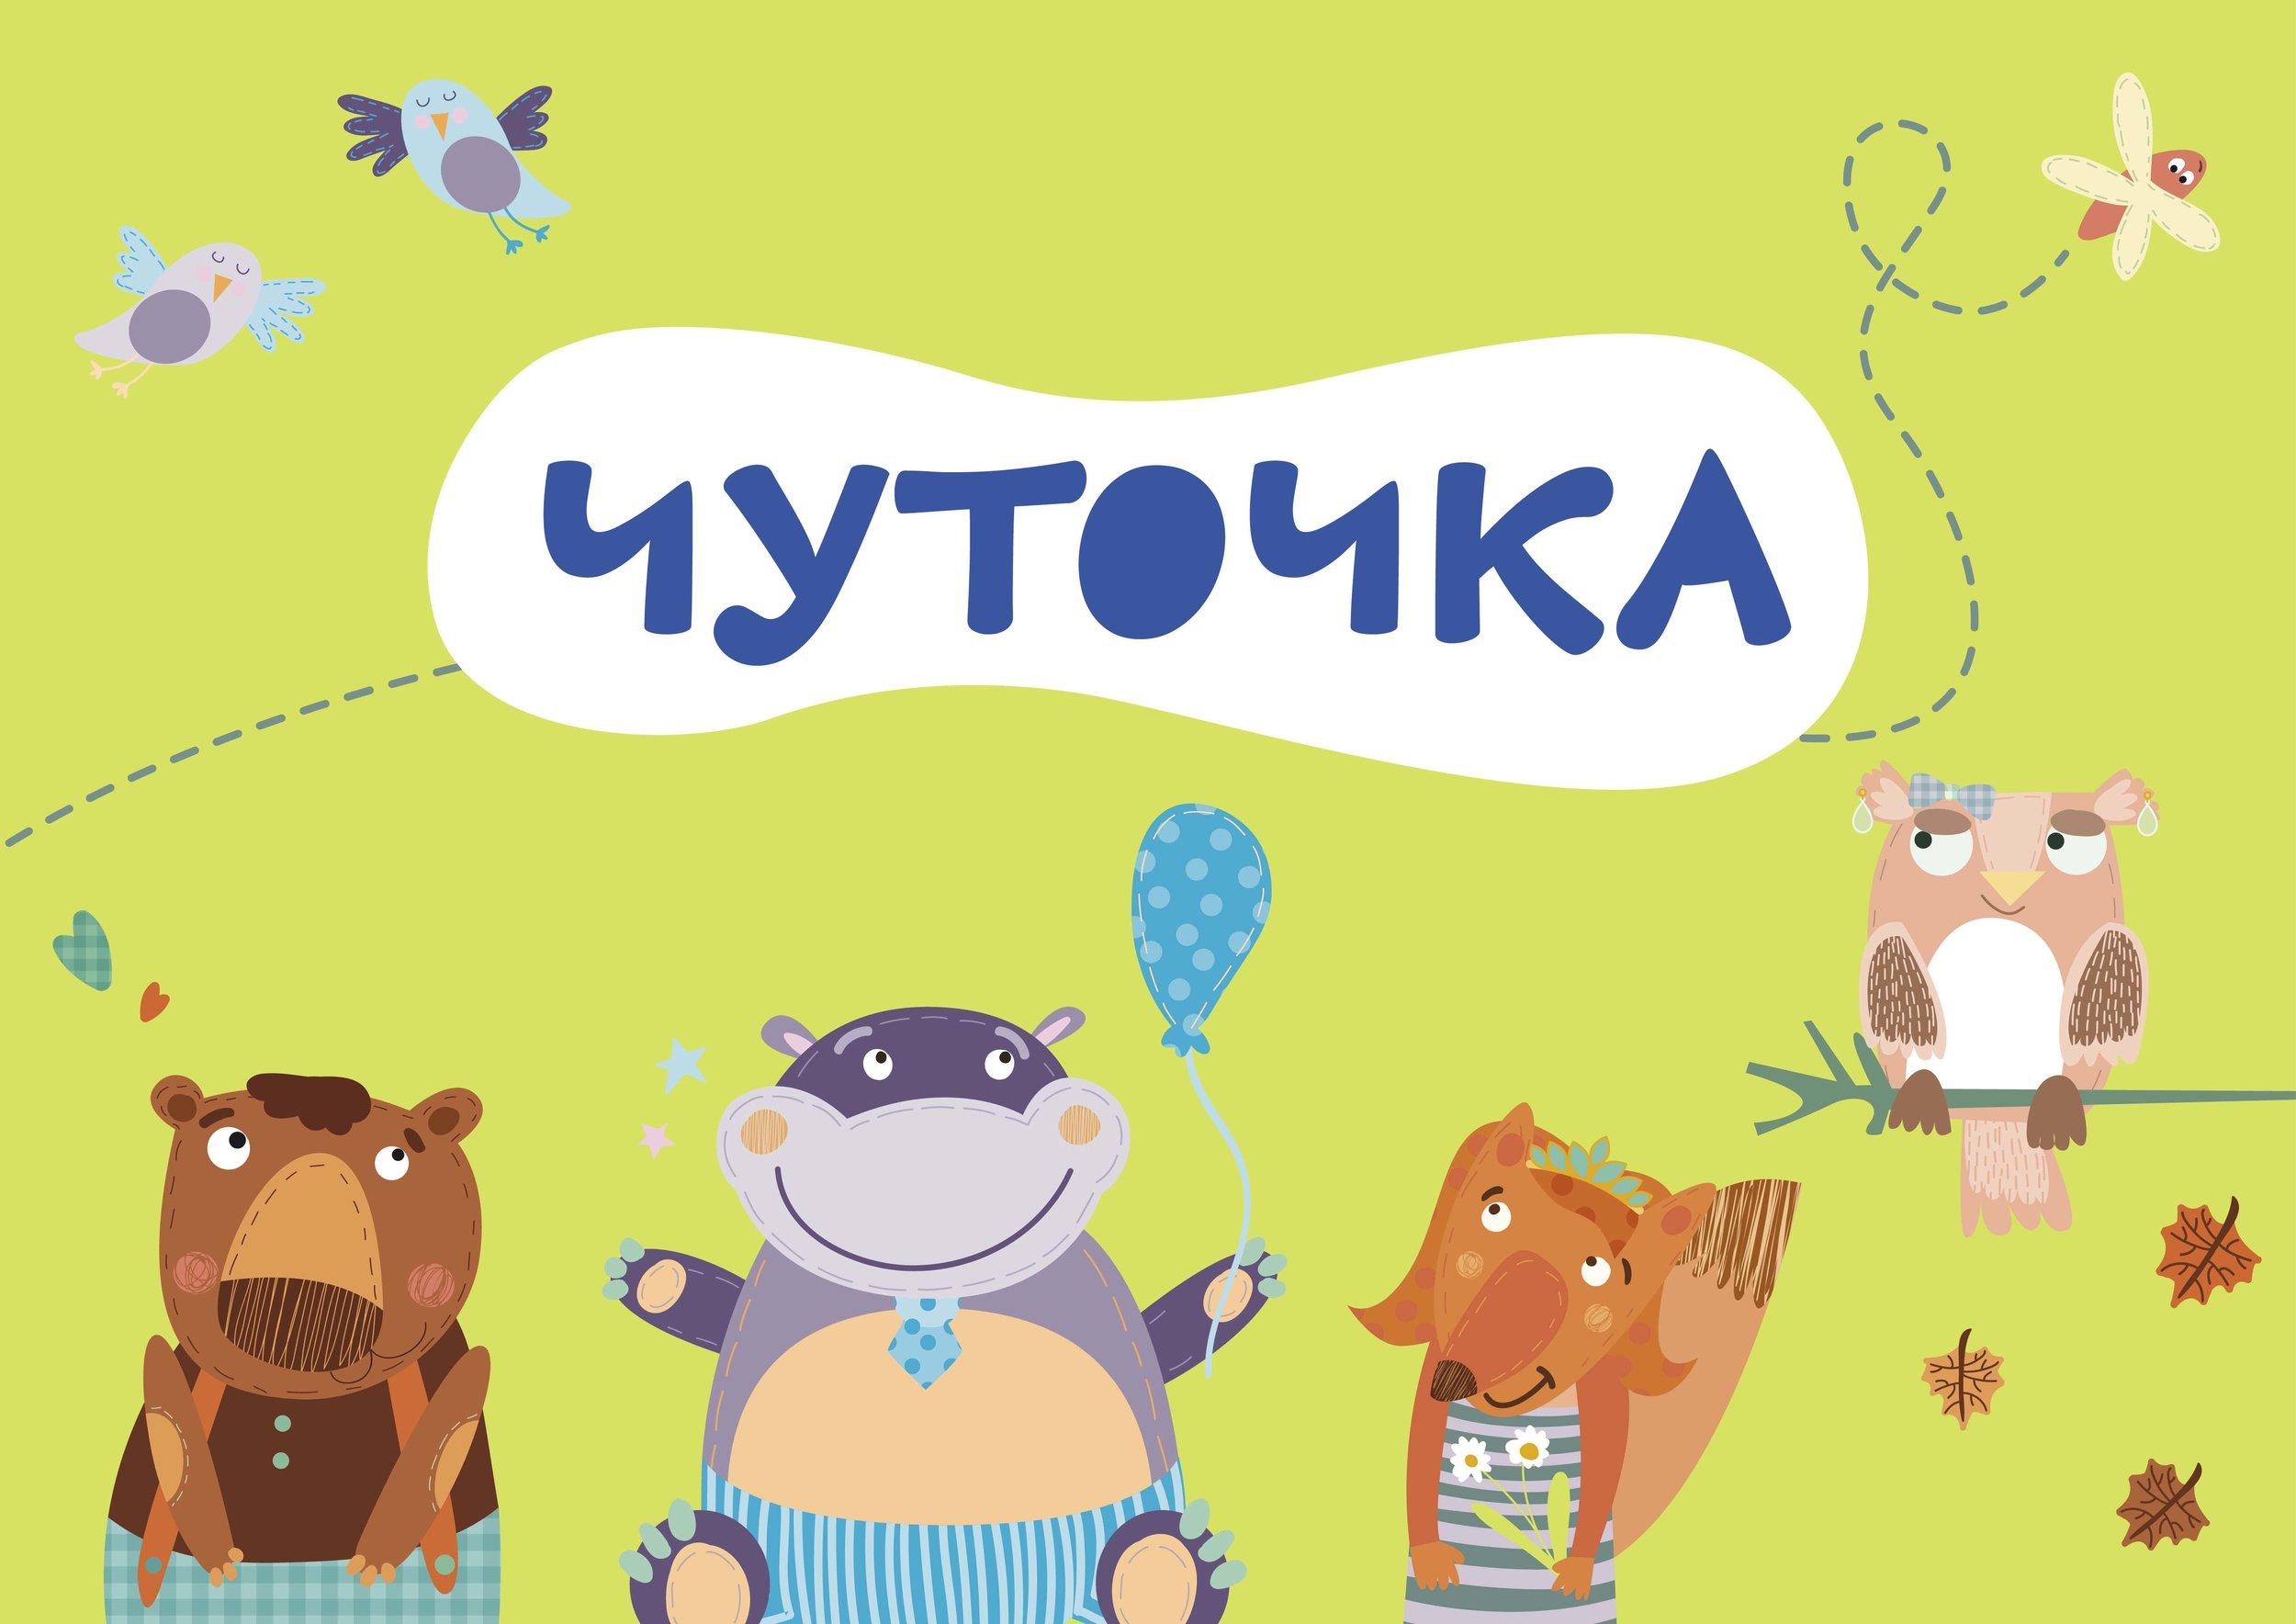 Nevsky_Brand Overview-01 logo.jpg